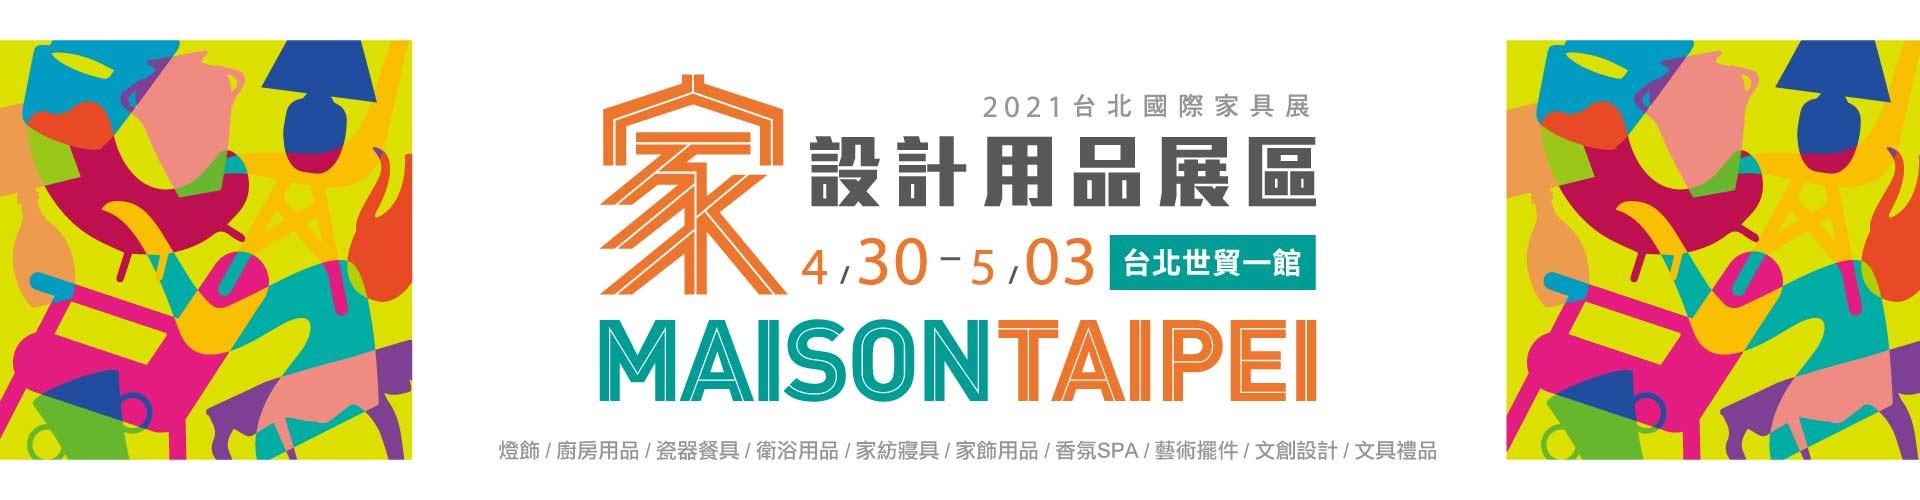 台北國際家設計用品展